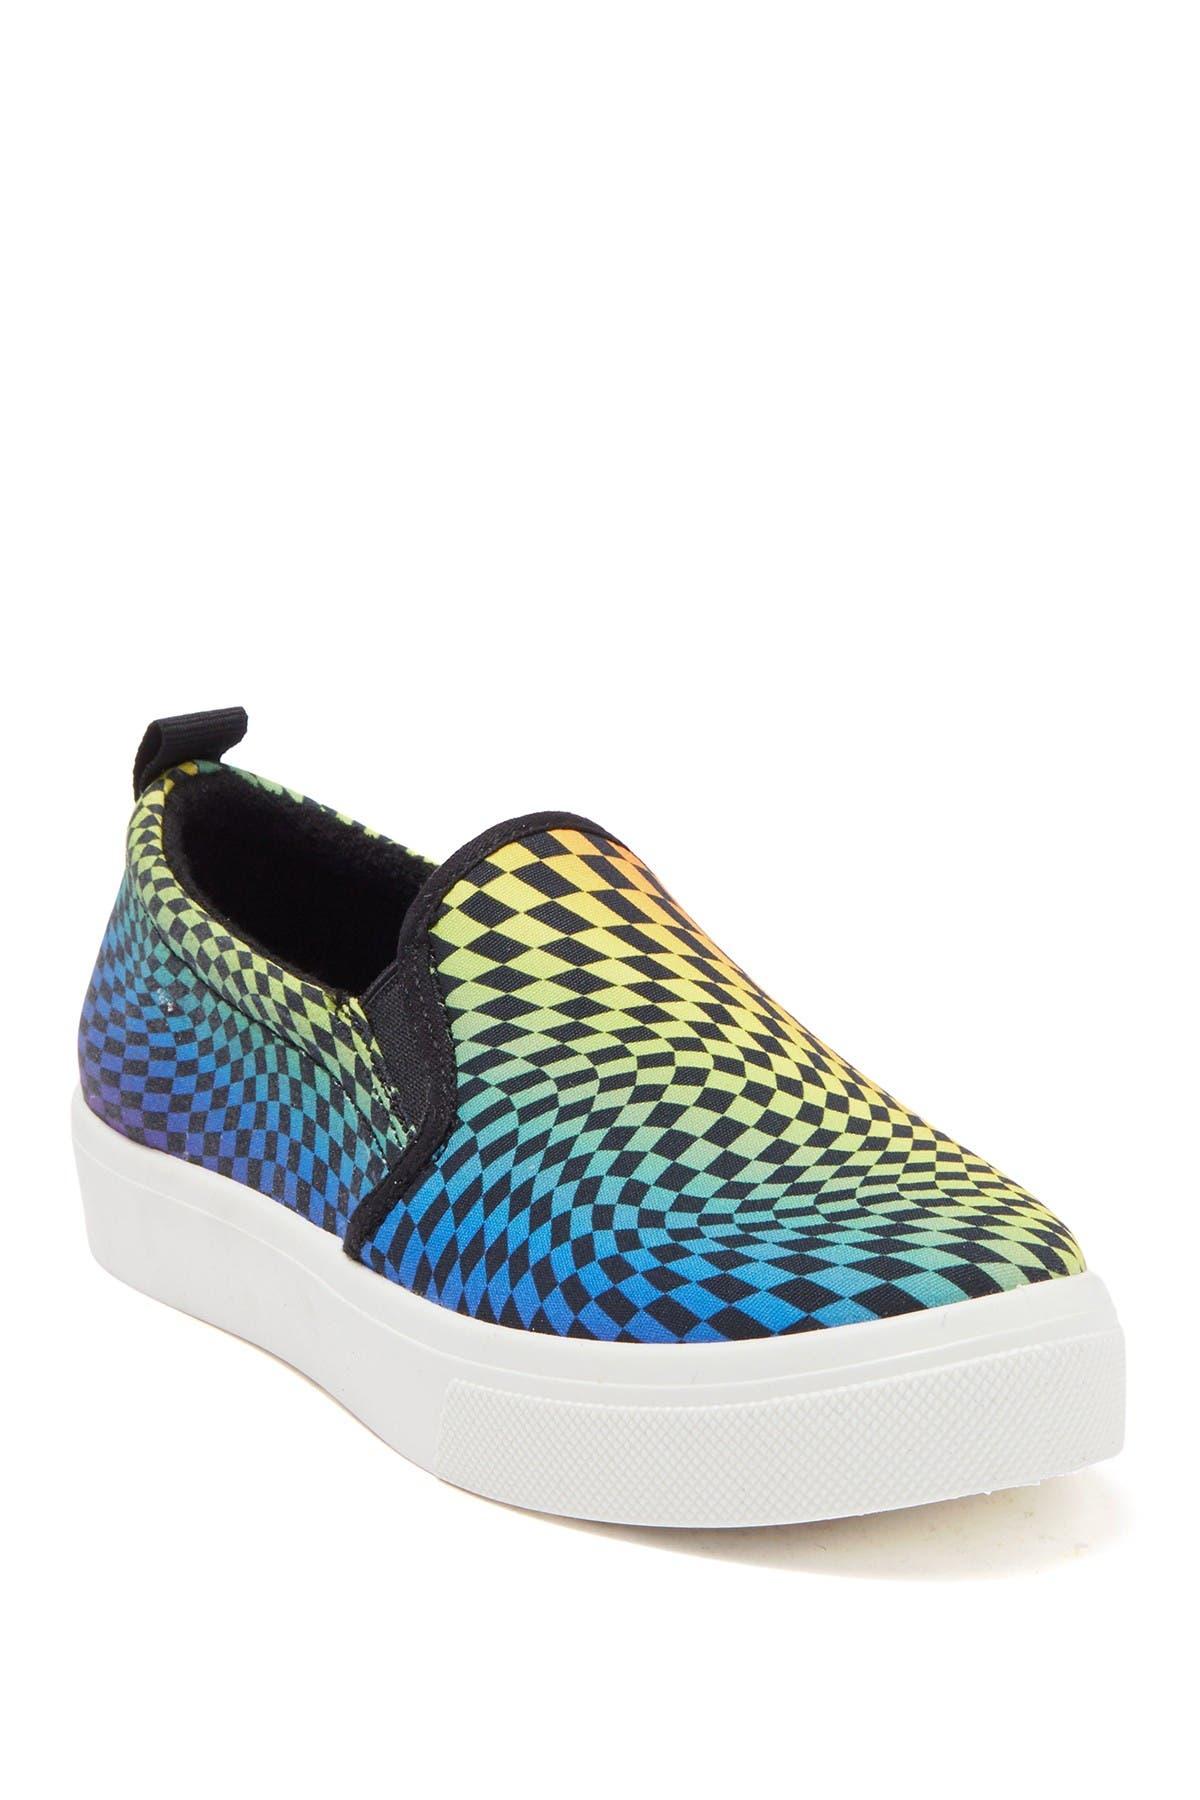 Image of Skechers Poppy Multi Checkered Slip-On Sneaker